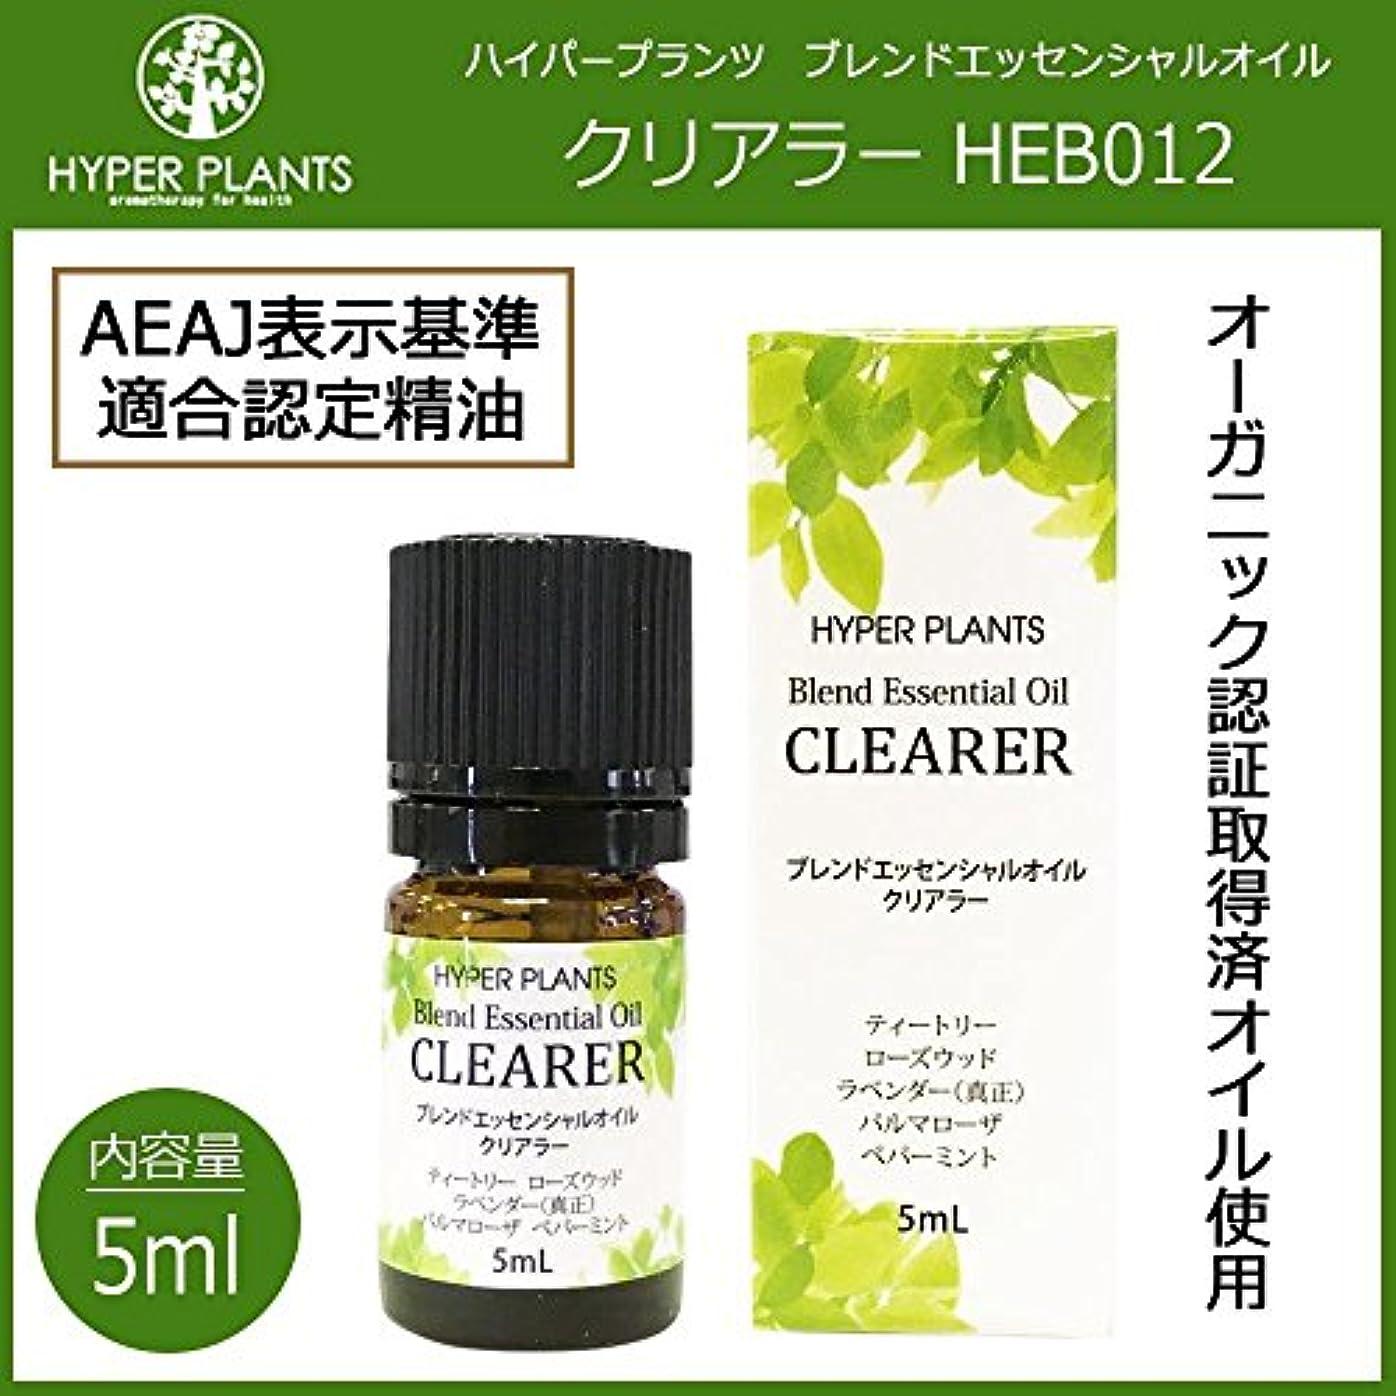 ジョリー寛容六分儀HYPER PLANTS ハイパープランツ ブレンドエッセンシャルオイル クリアラー 5ml HEB012